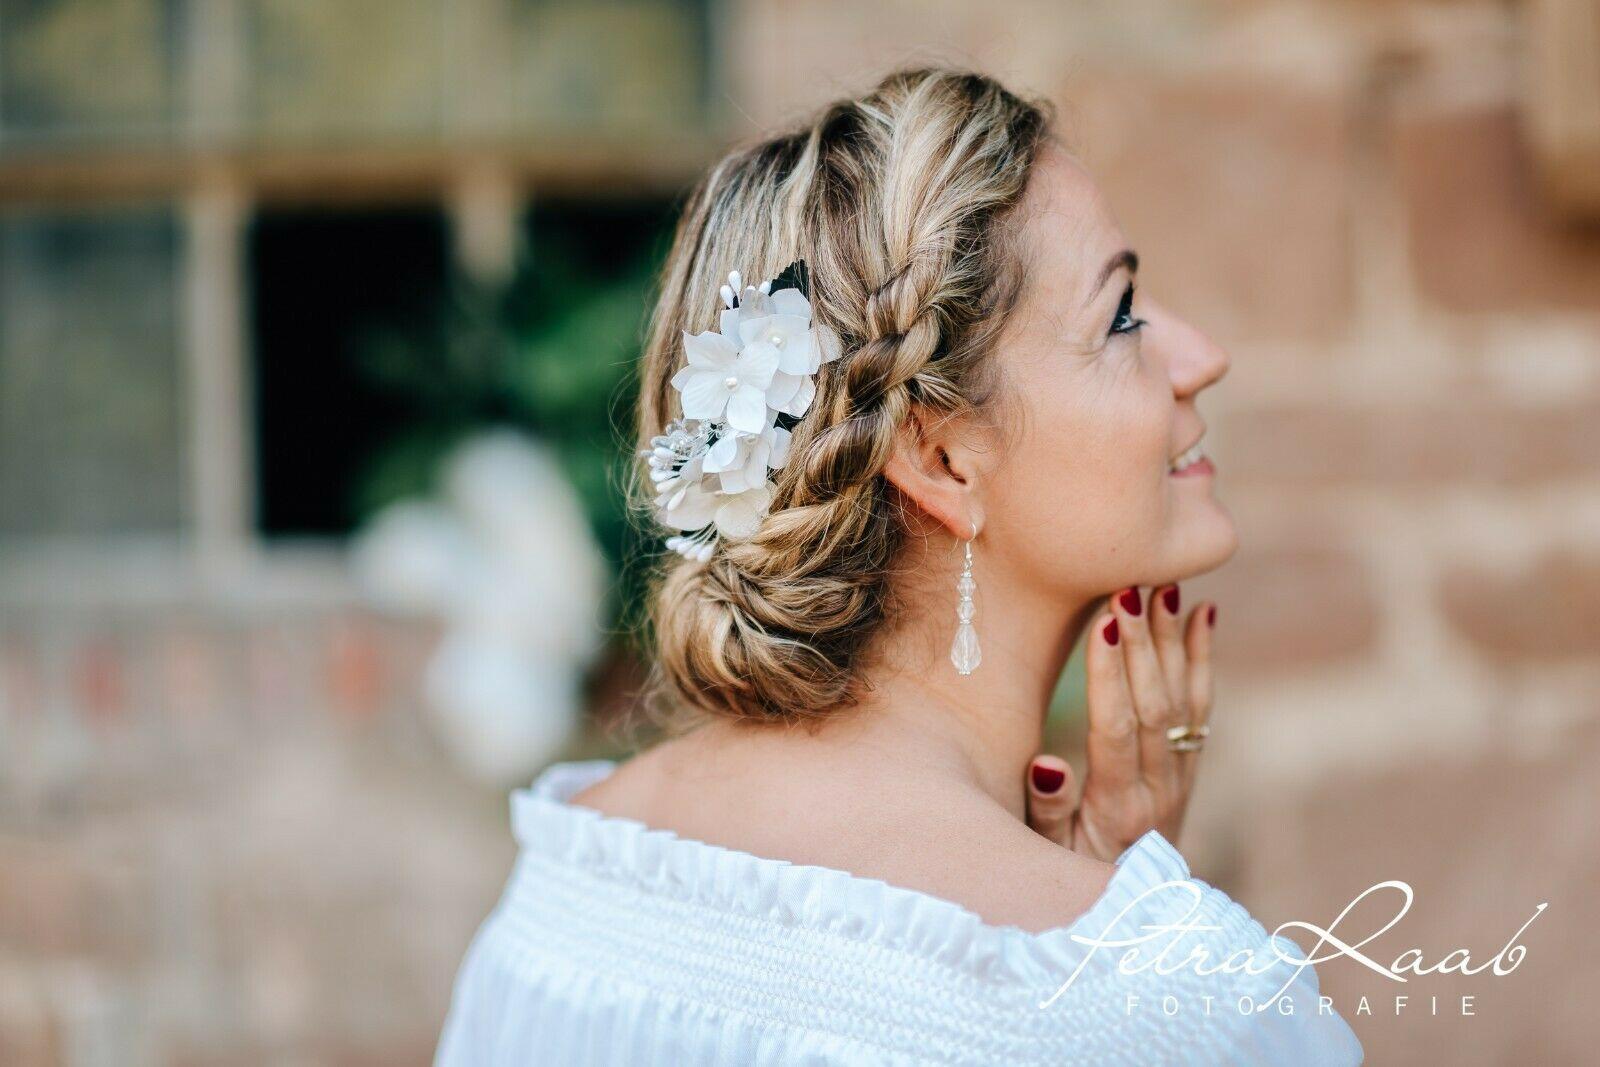 R16 Haarschmuck Haarkamm Bluten Blumen Pfingstrosen Oktoberfest Braut Hochzeit In 2020 Brautfrisur Braut Haarschmuck